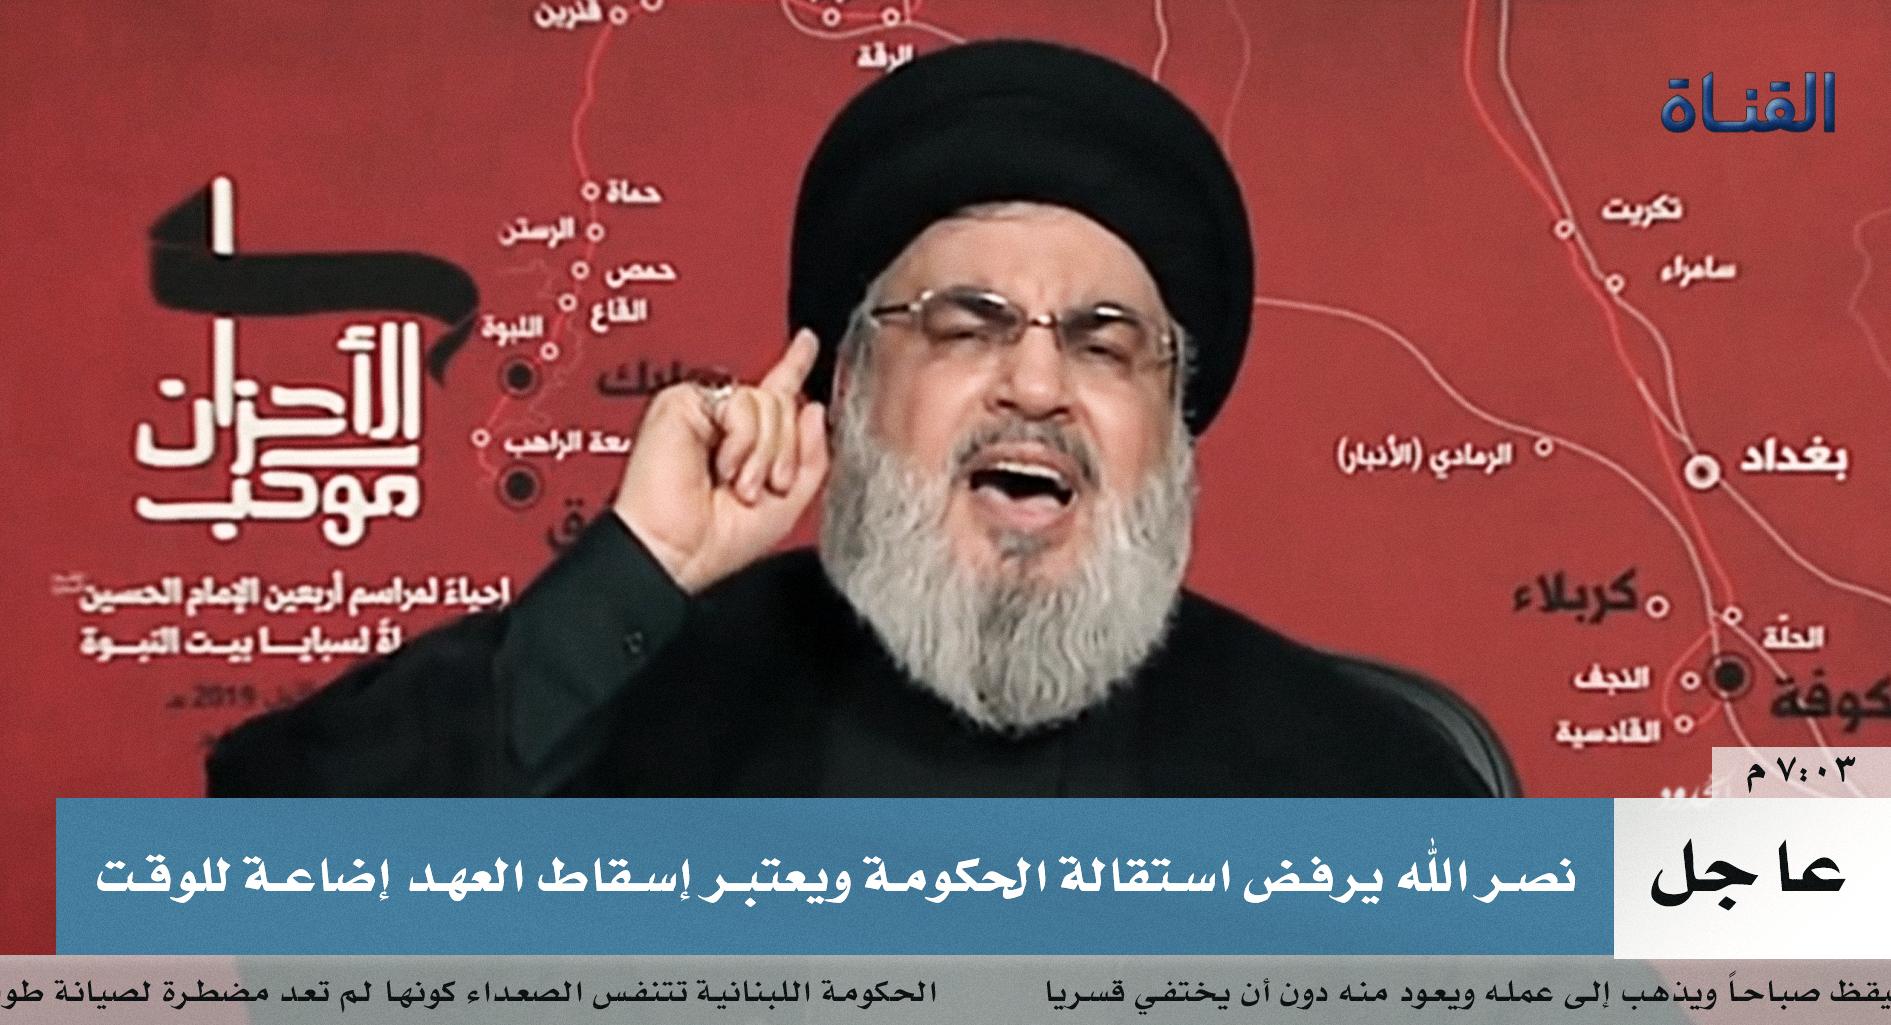 صورة نصر الله يستجيب لمطالب محاربة الفساد ويضع الحريري قيد الإقامة الجبرية كرئيس حكومة